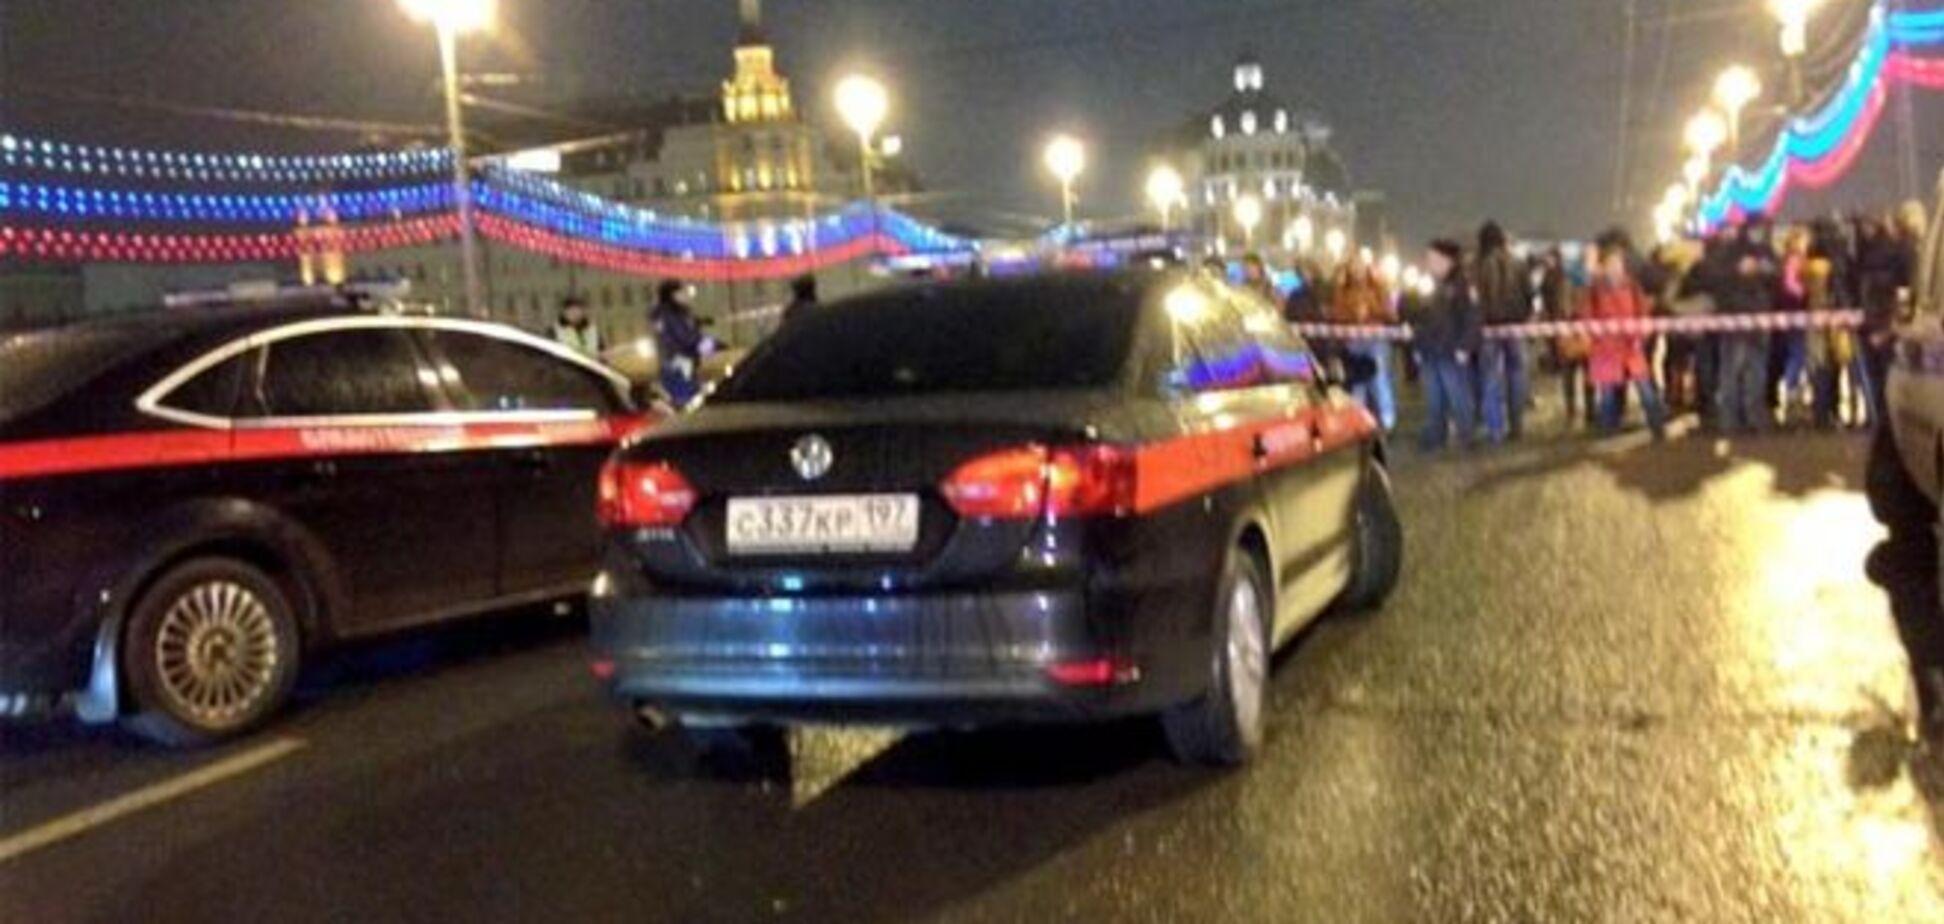 Немцову угрожали убийством несколько месяцев назад - адвокат